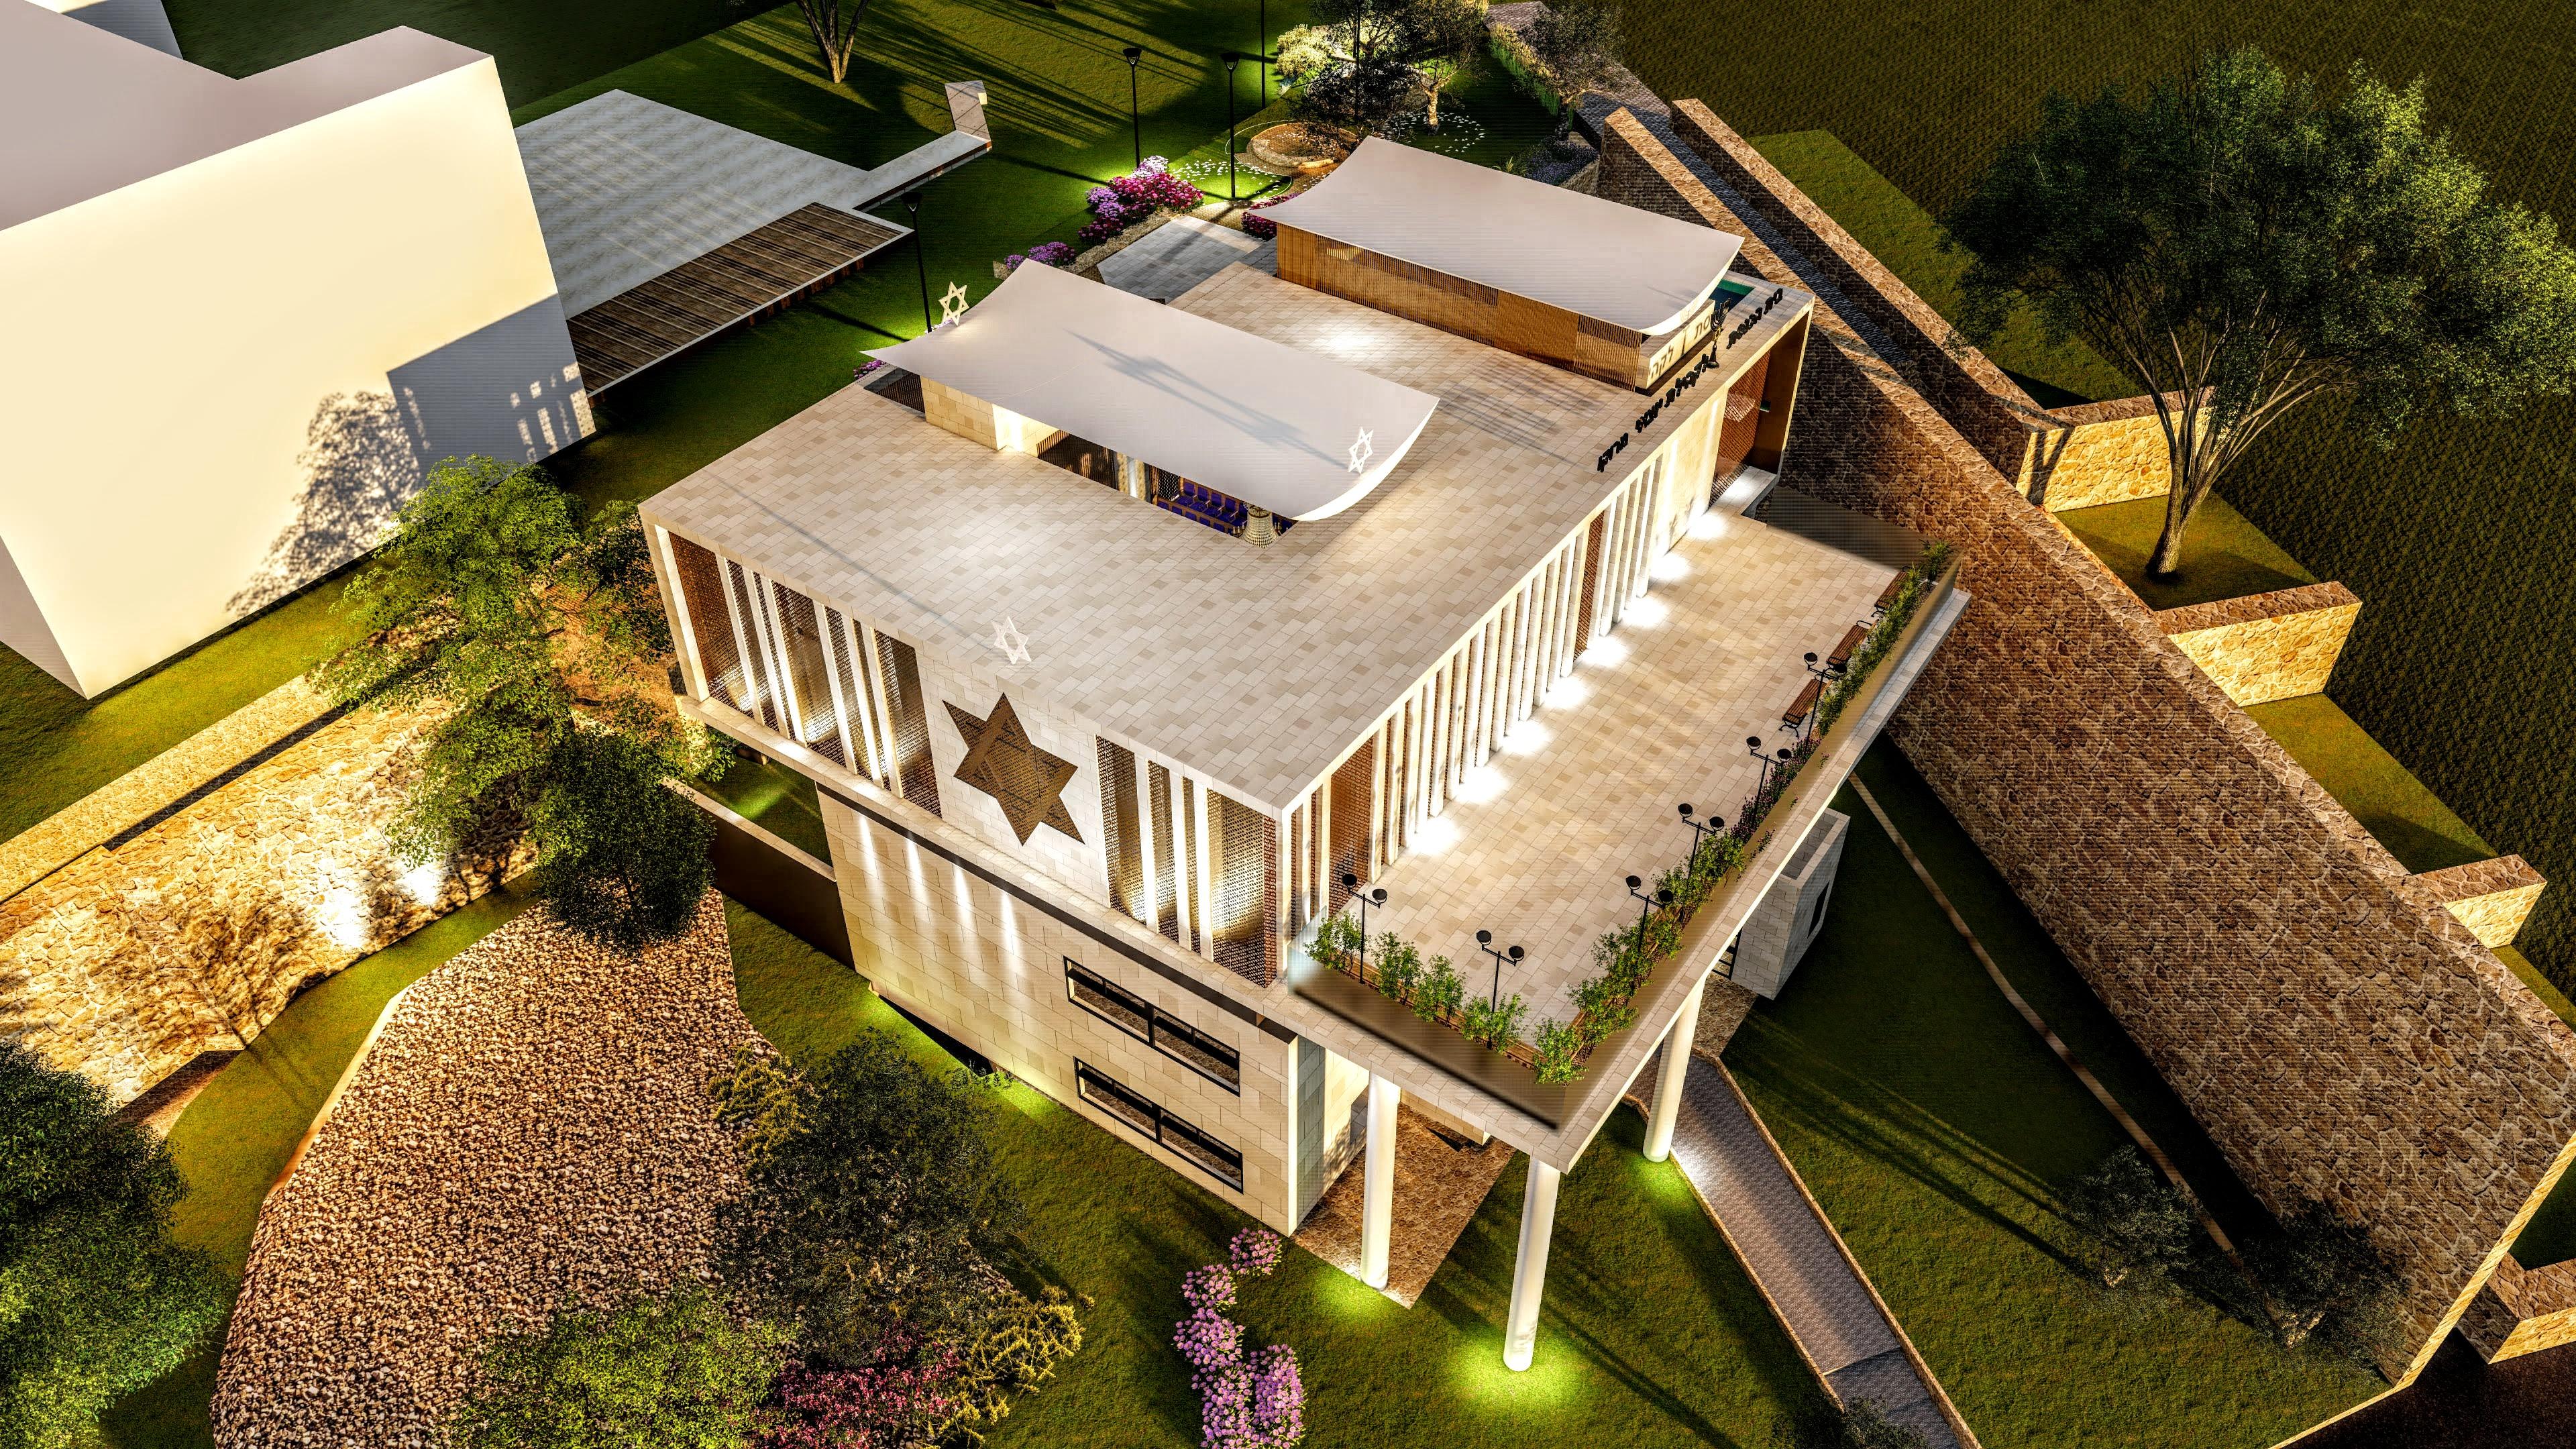 תכנון מבני קדושה/ תכנון בתי כנסת / תכנון מבני ציבור